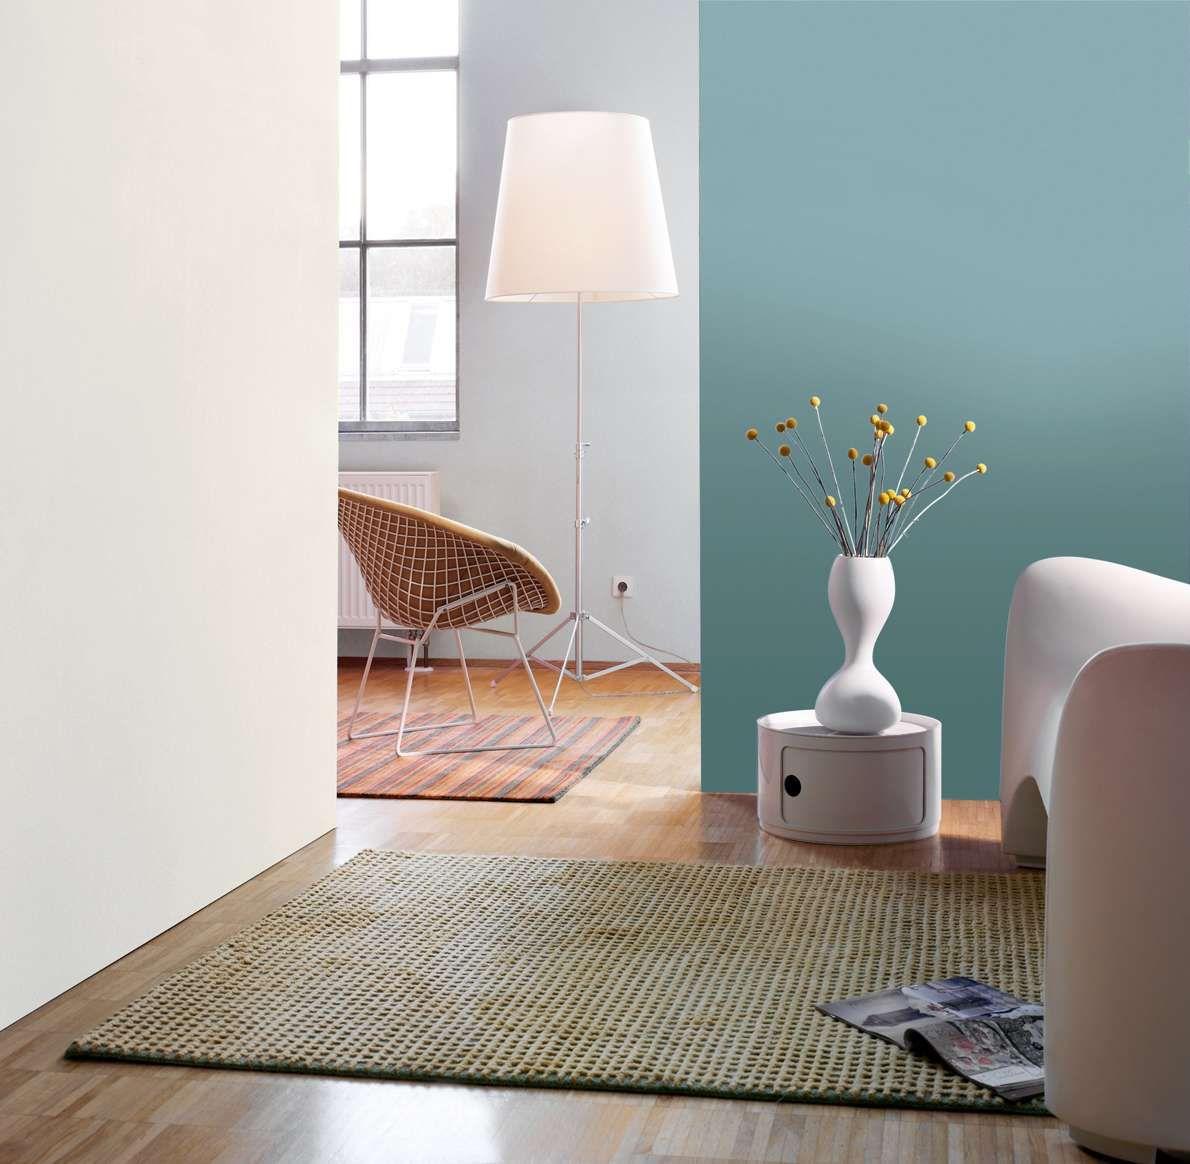 In Der Aktuellen Trendwelt Skandinavien Dominiert Puristisches Designmit Zuruckhaltender Farbigkeit Alpina Alpina Farben Wandgestaltung Kinderzimmer Farbe